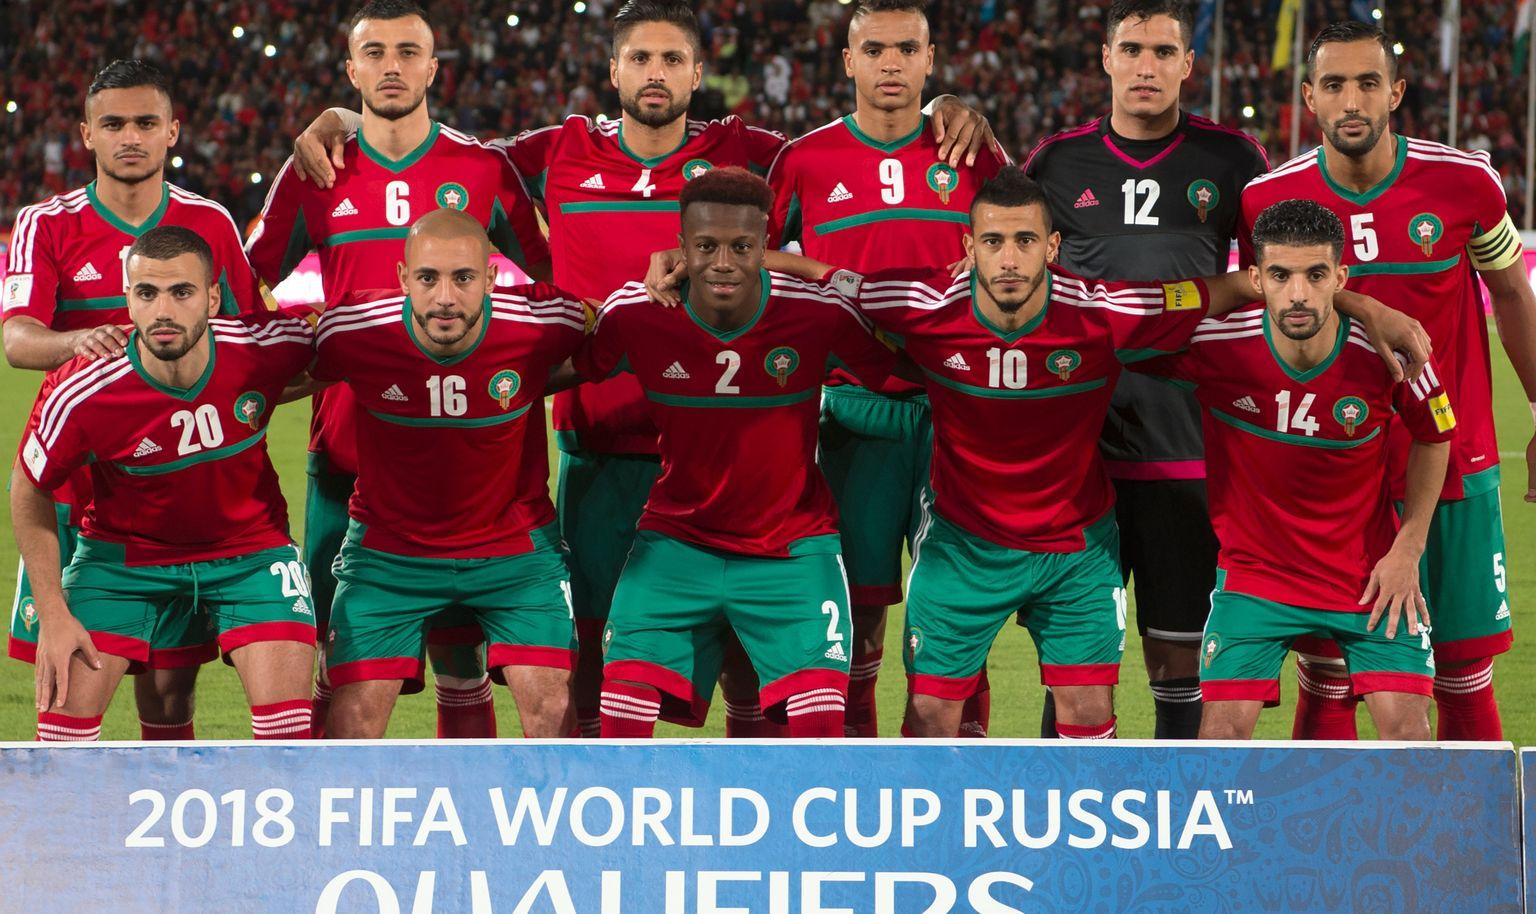 المنتخب الوطني لكرة القدم يتقدم للمركز 48 عالميا هذا الشهر